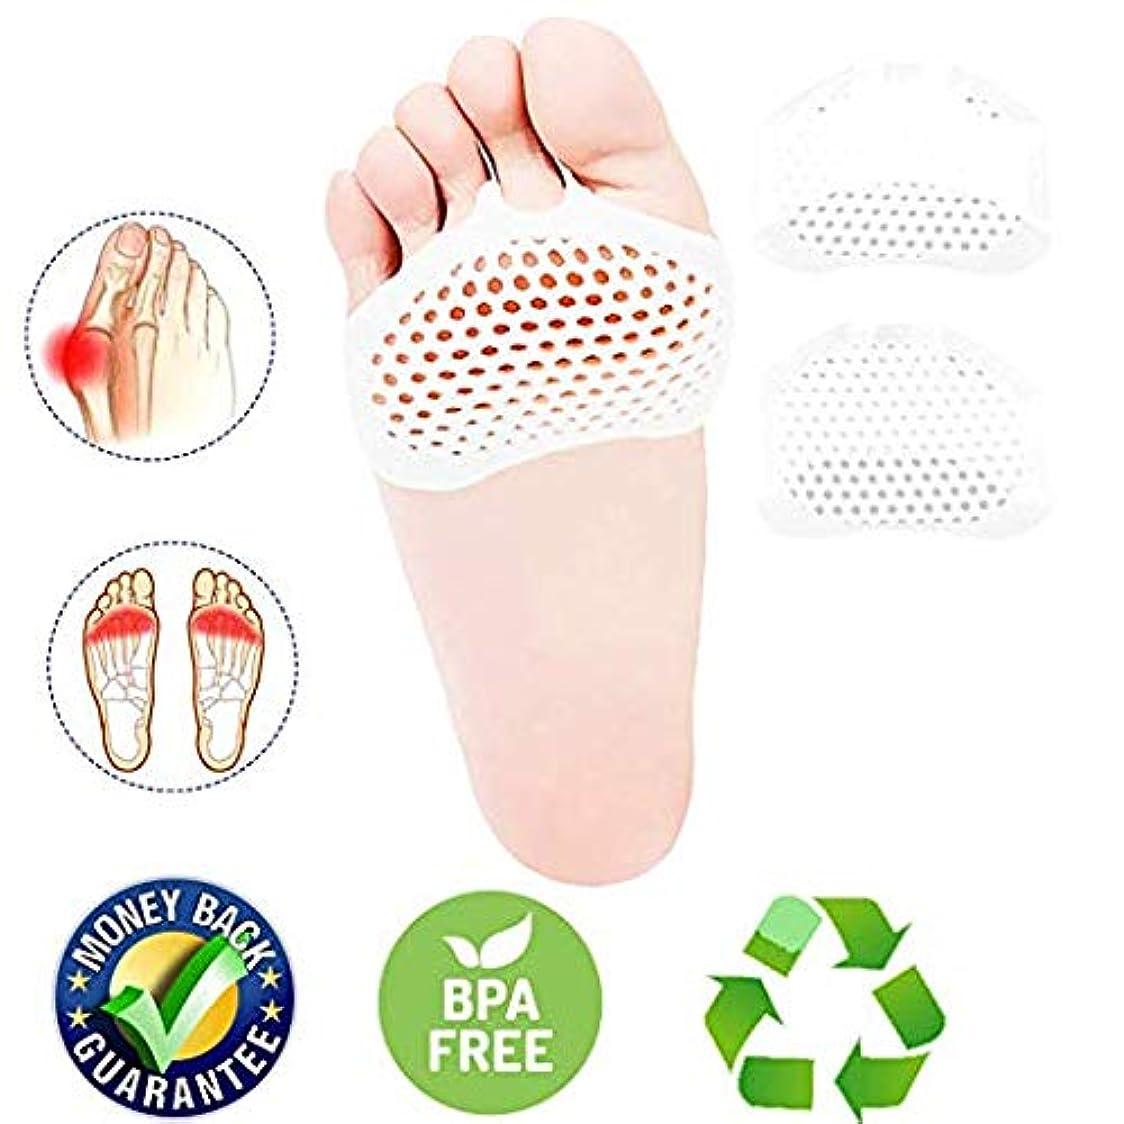 支出だらしないブラシ中足骨パッドフットクッションのボール、つま先セパレーター、つま先セパレーターストレッチャー、ゲルゴムシリコーンsesamoiditisパッド、通気性のある足の痛みを緩和するクッションハンマーまっすぐな腱膜炎の痛みの足